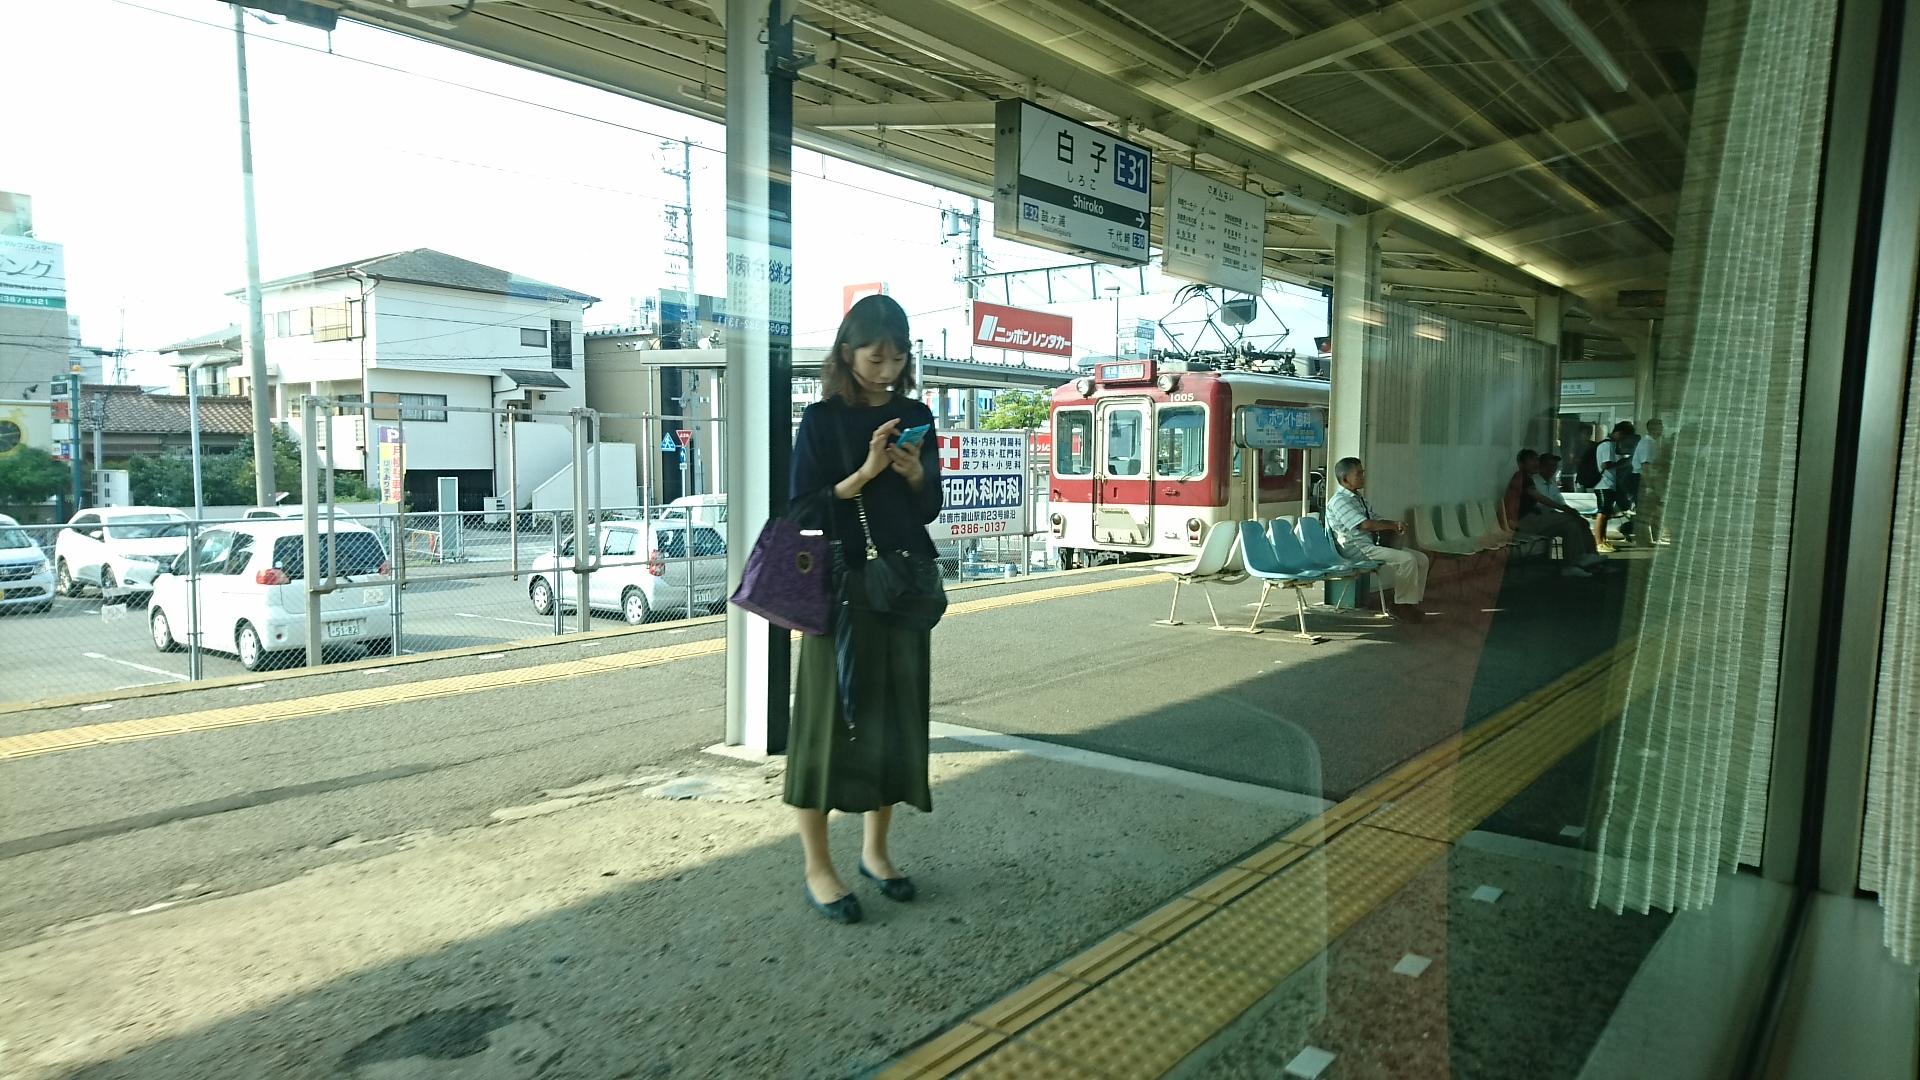 2017.8.18 近鉄 (14) 名古屋いき特急 - 白子(名古屋いきふつう) 1920-1080